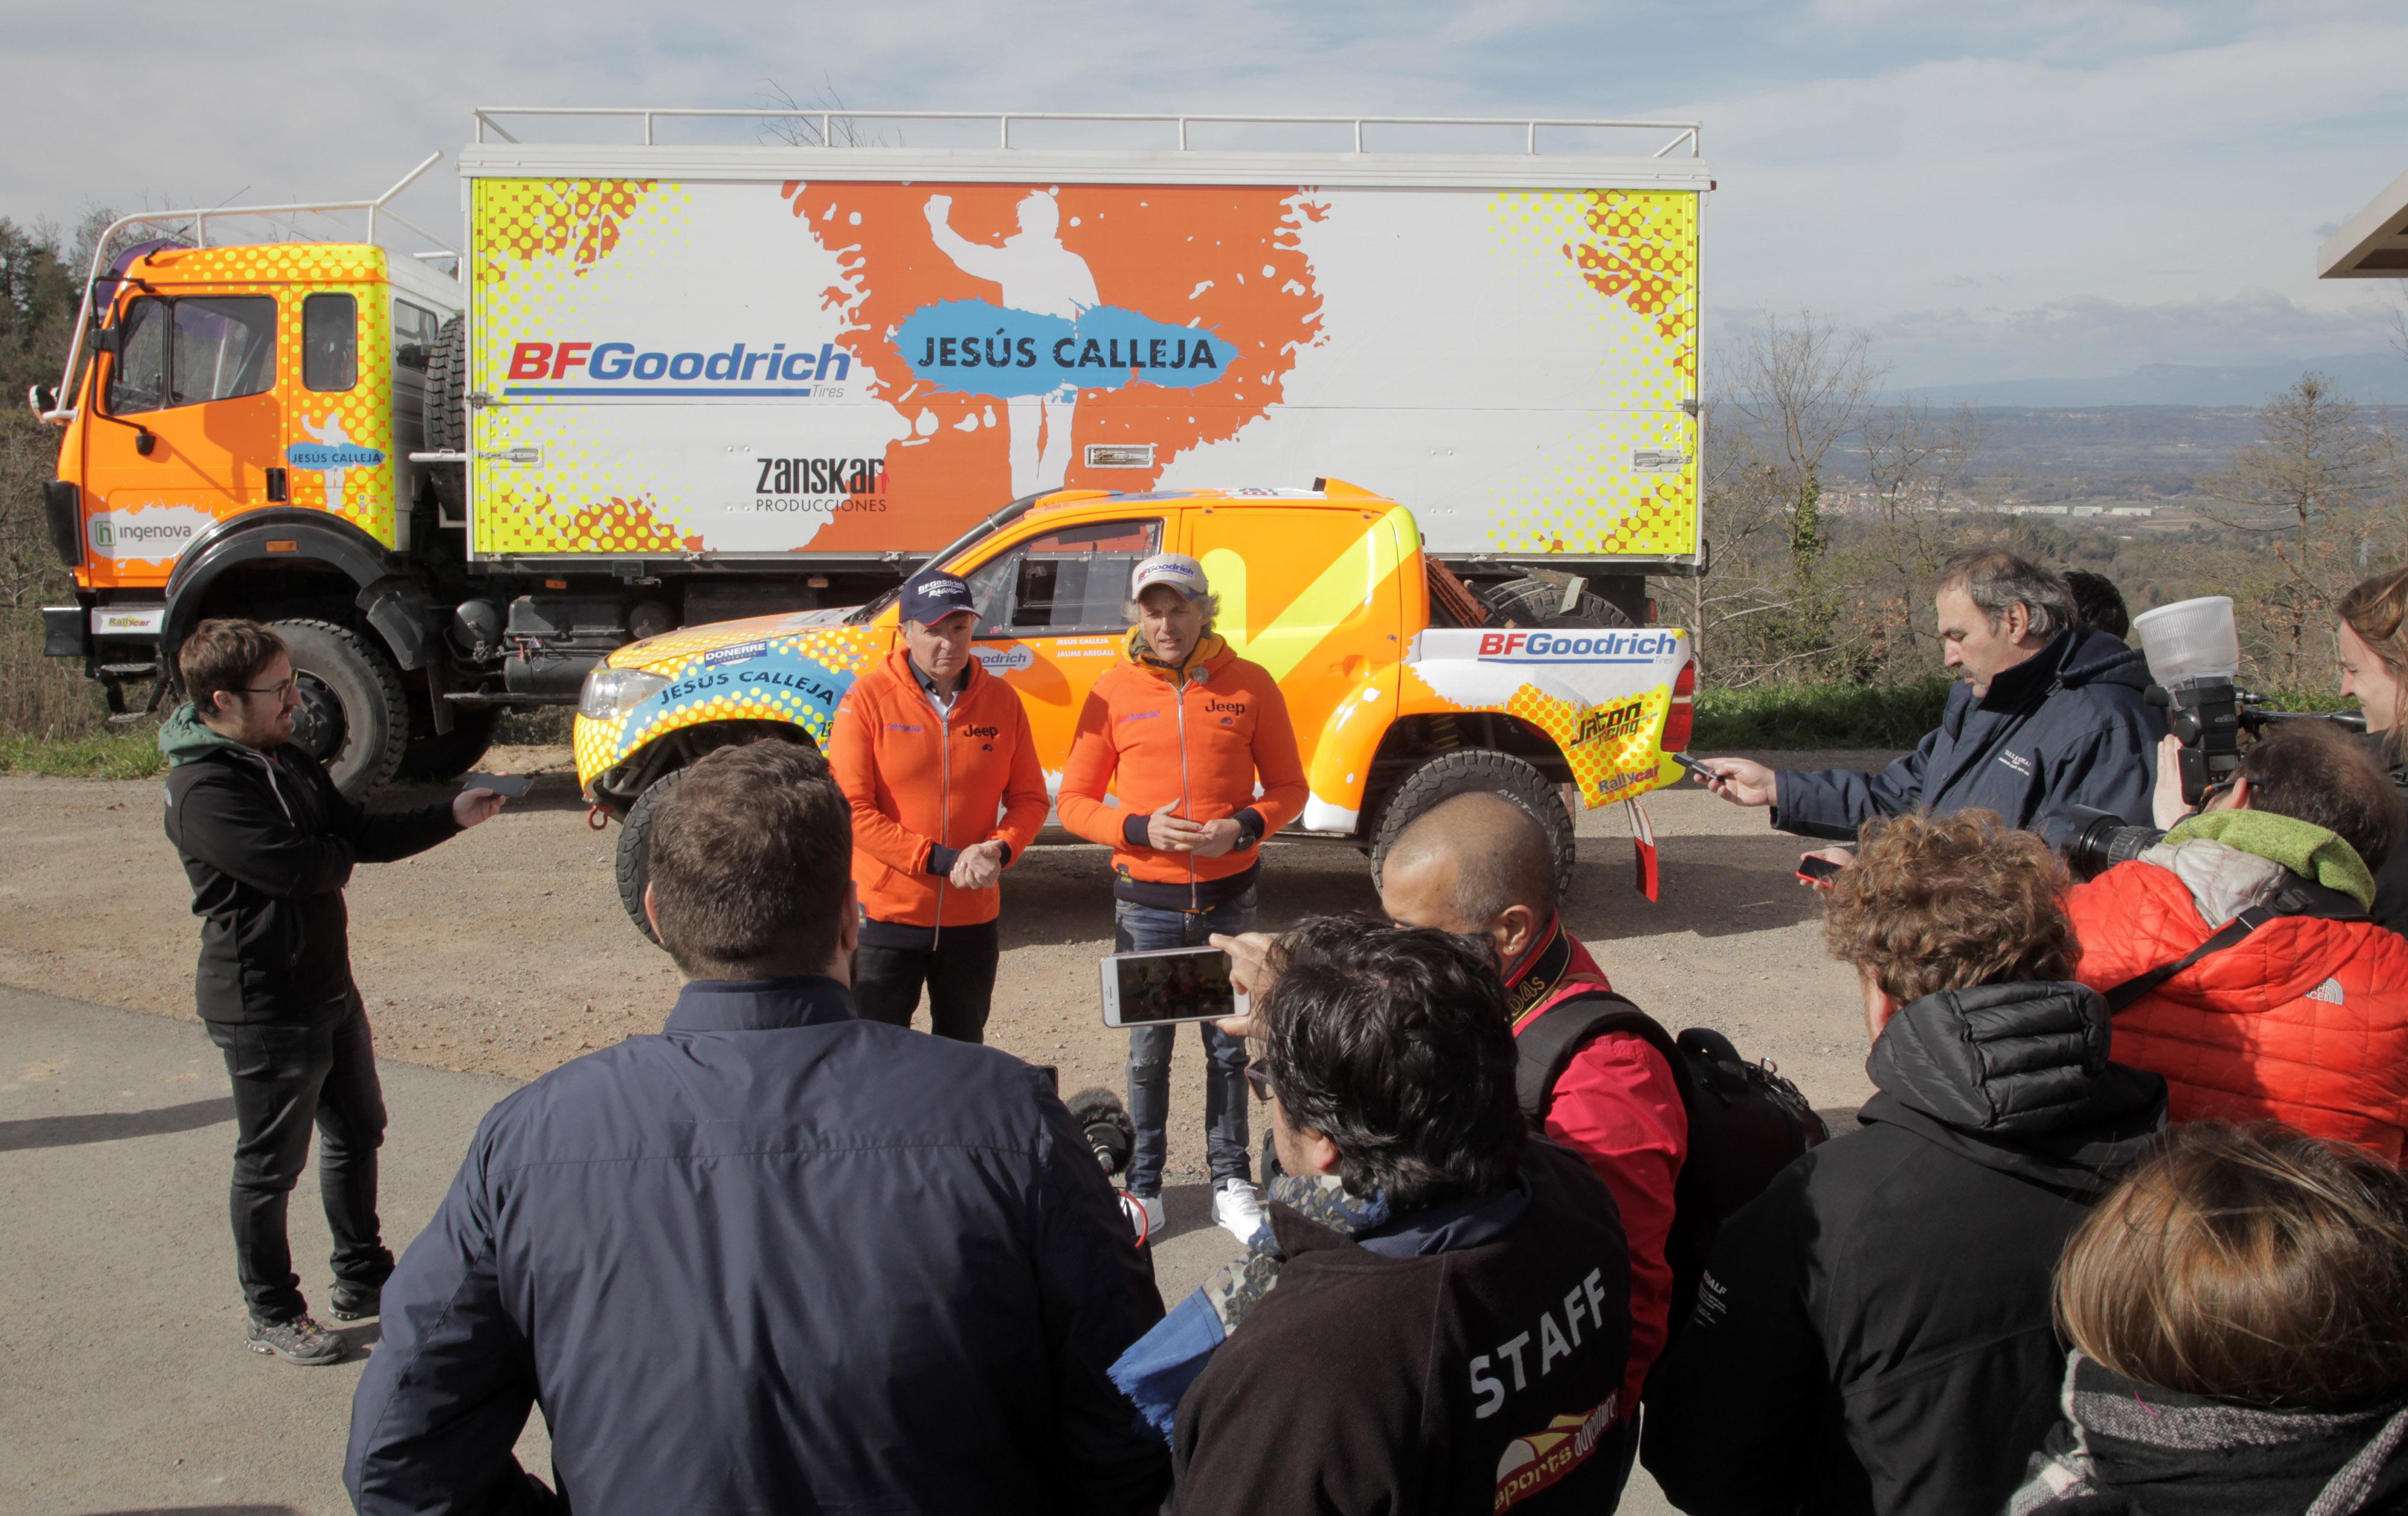 El Jesús Calleja Team Rallies de Zanskar Producciones echa a rodar